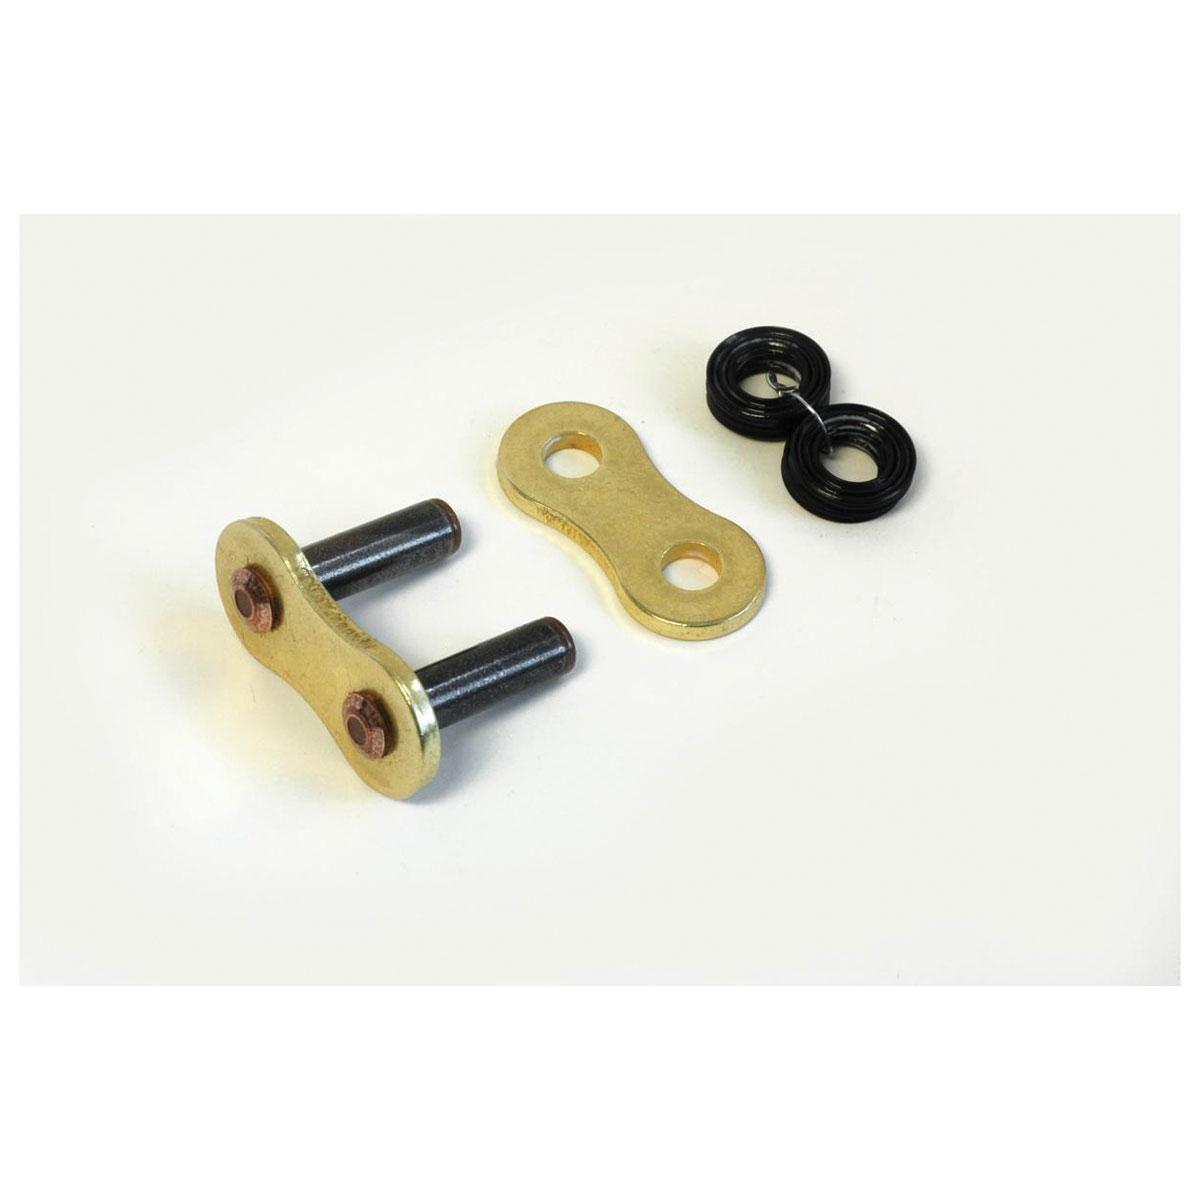 RK Chains UWR Rivet Link 520 Gold